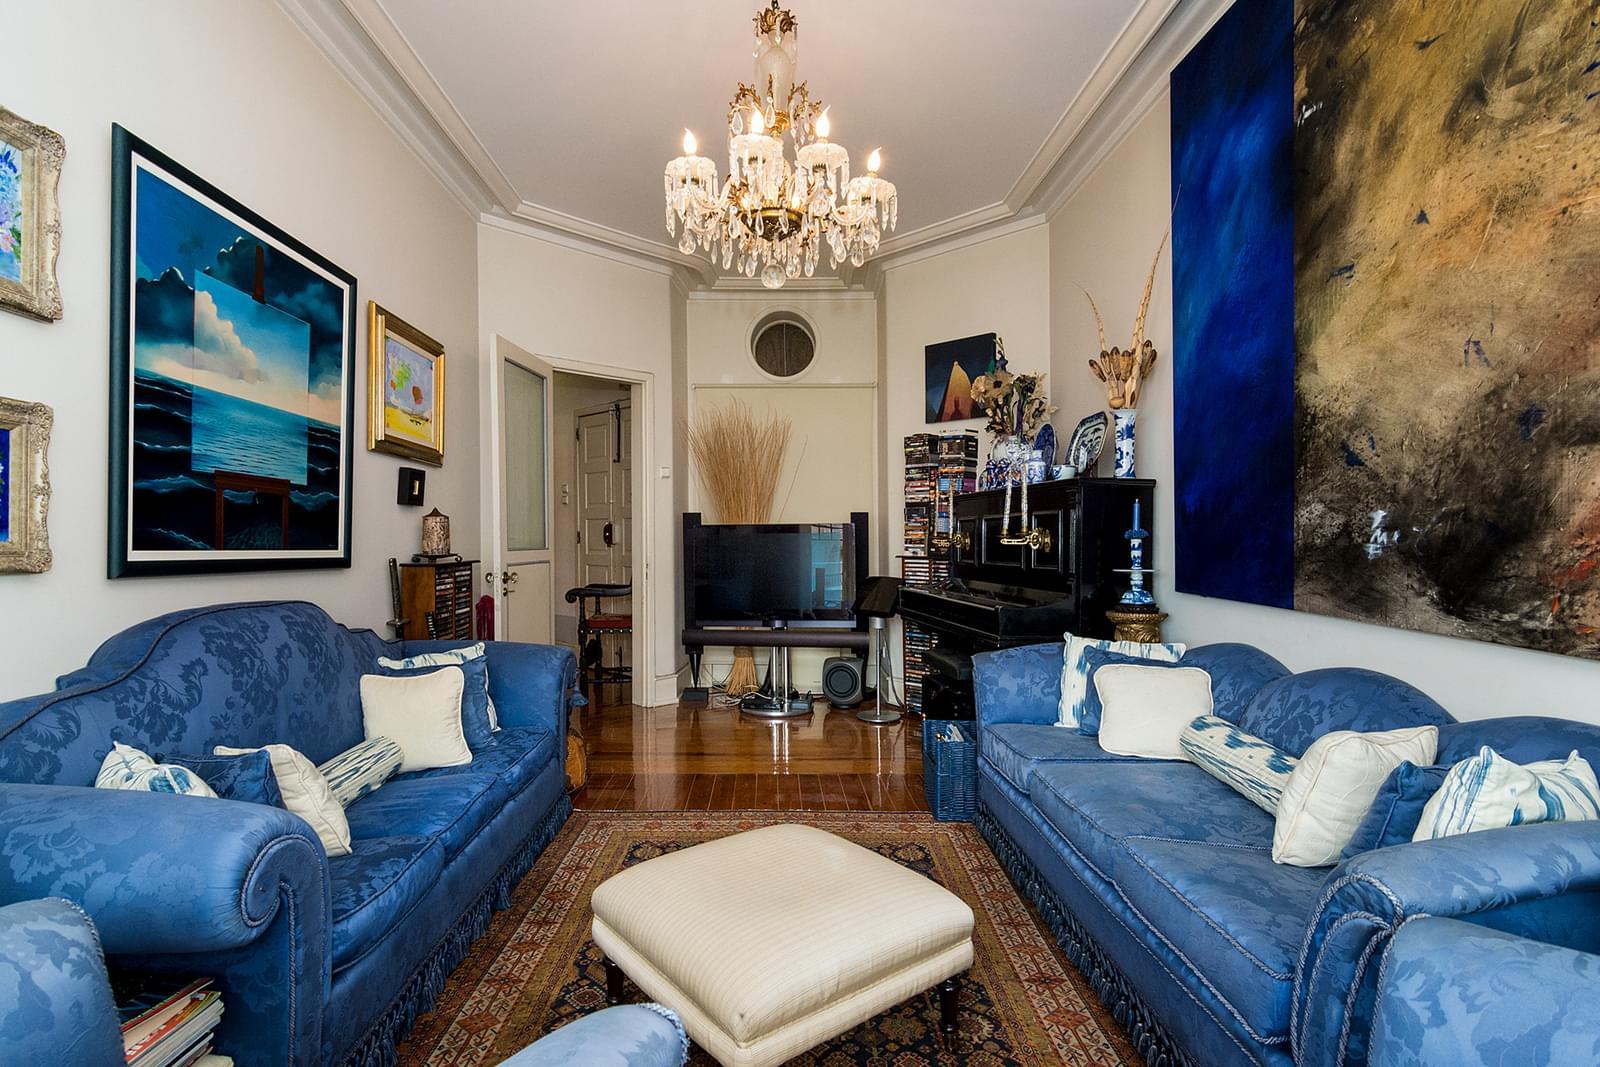 pf17510-apartamento-t4-1-lisboa-a7654d39-5006-48fd-874a-c437e1b95f83